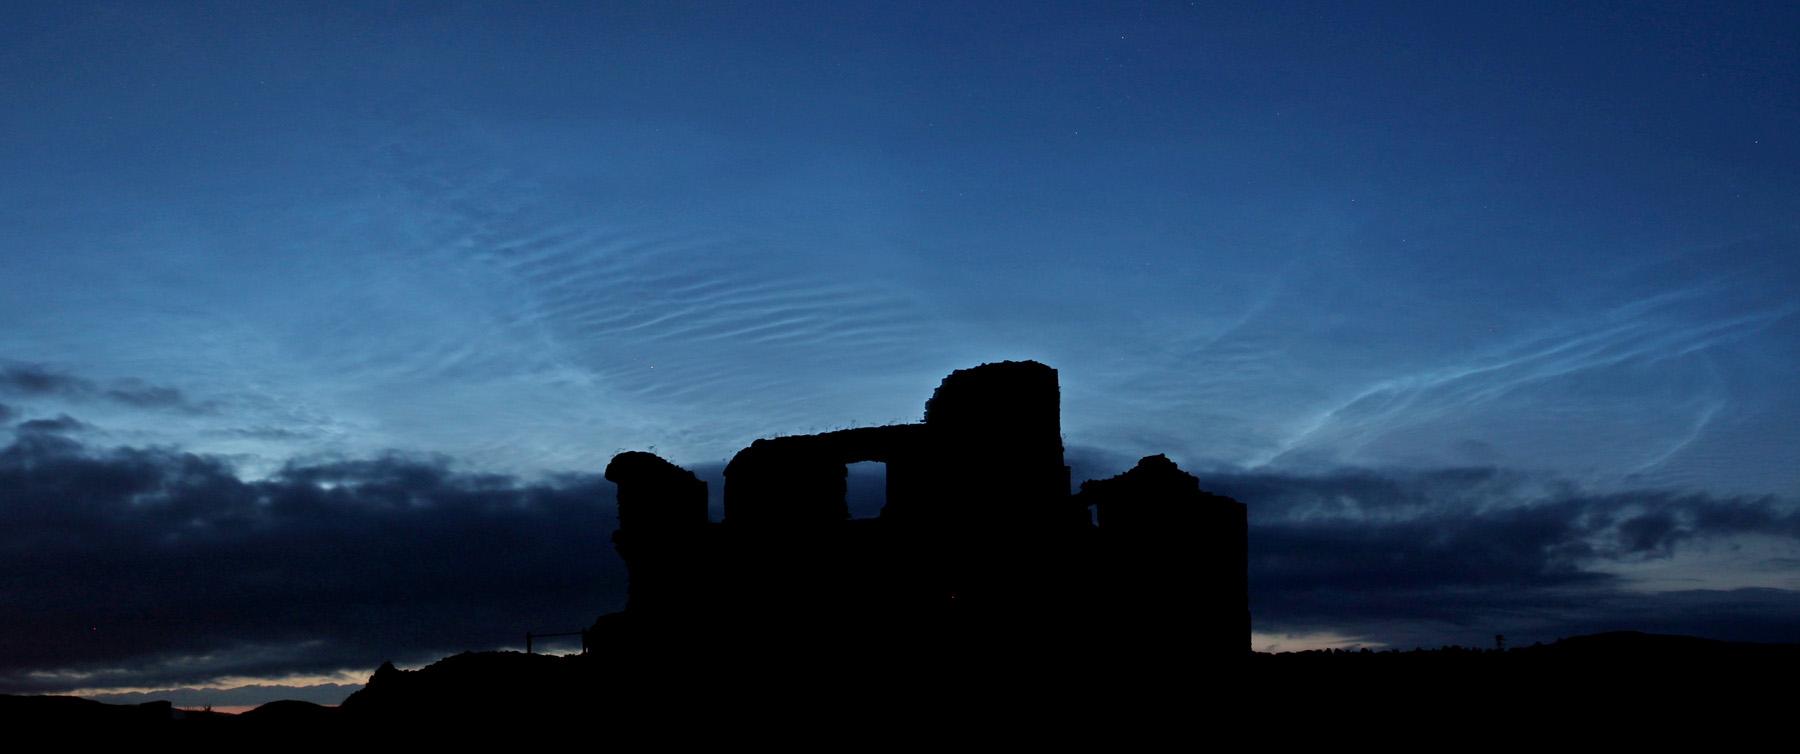 castle-befpre-dawn